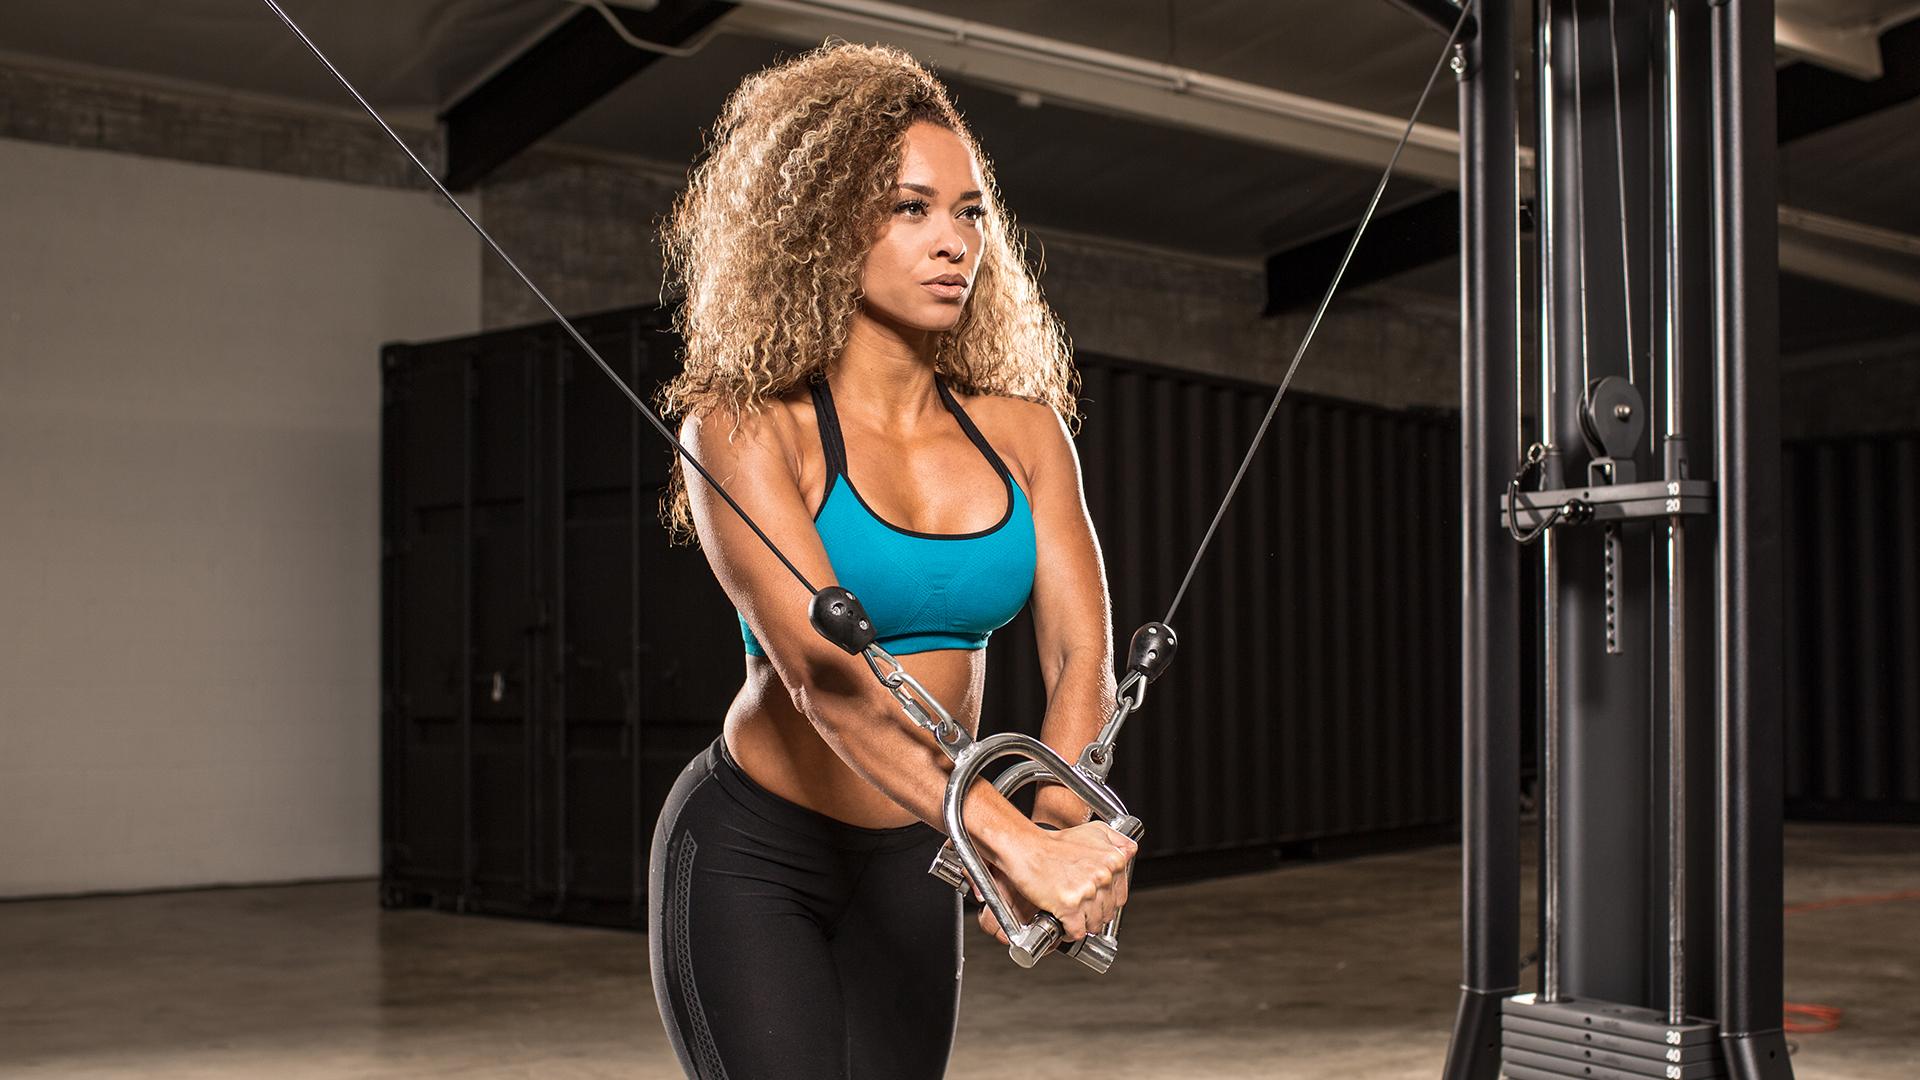 Fitness: Girl, Brunette, Woman, Fitness